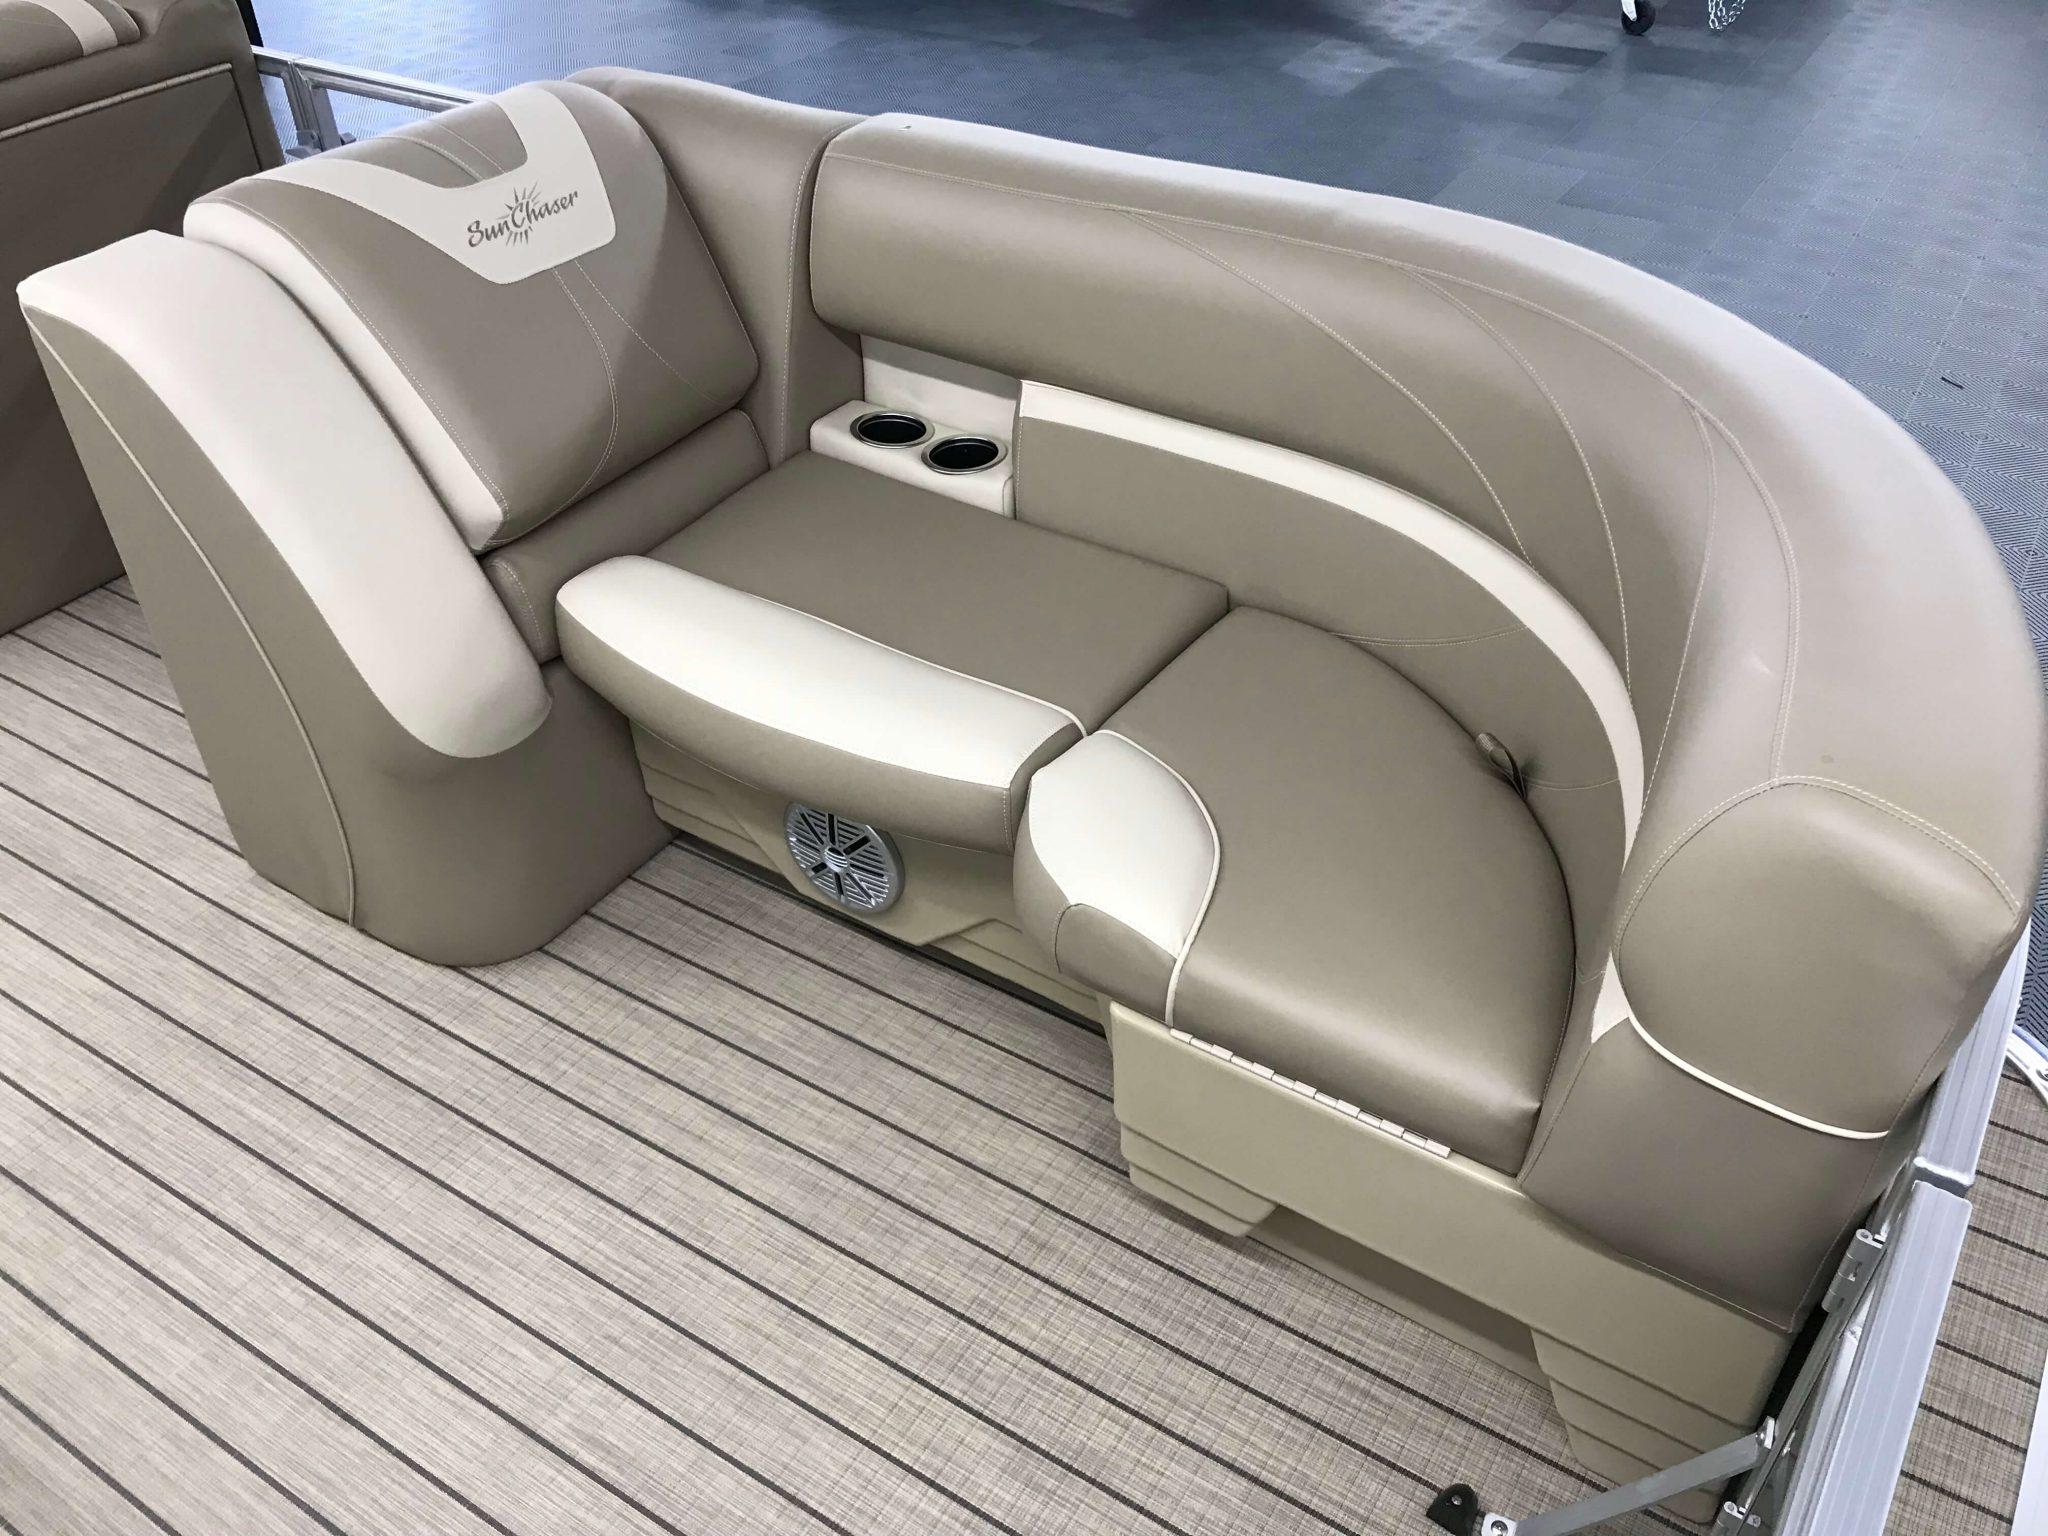 2019 SunChaser Geneva 22 LR Seating 3